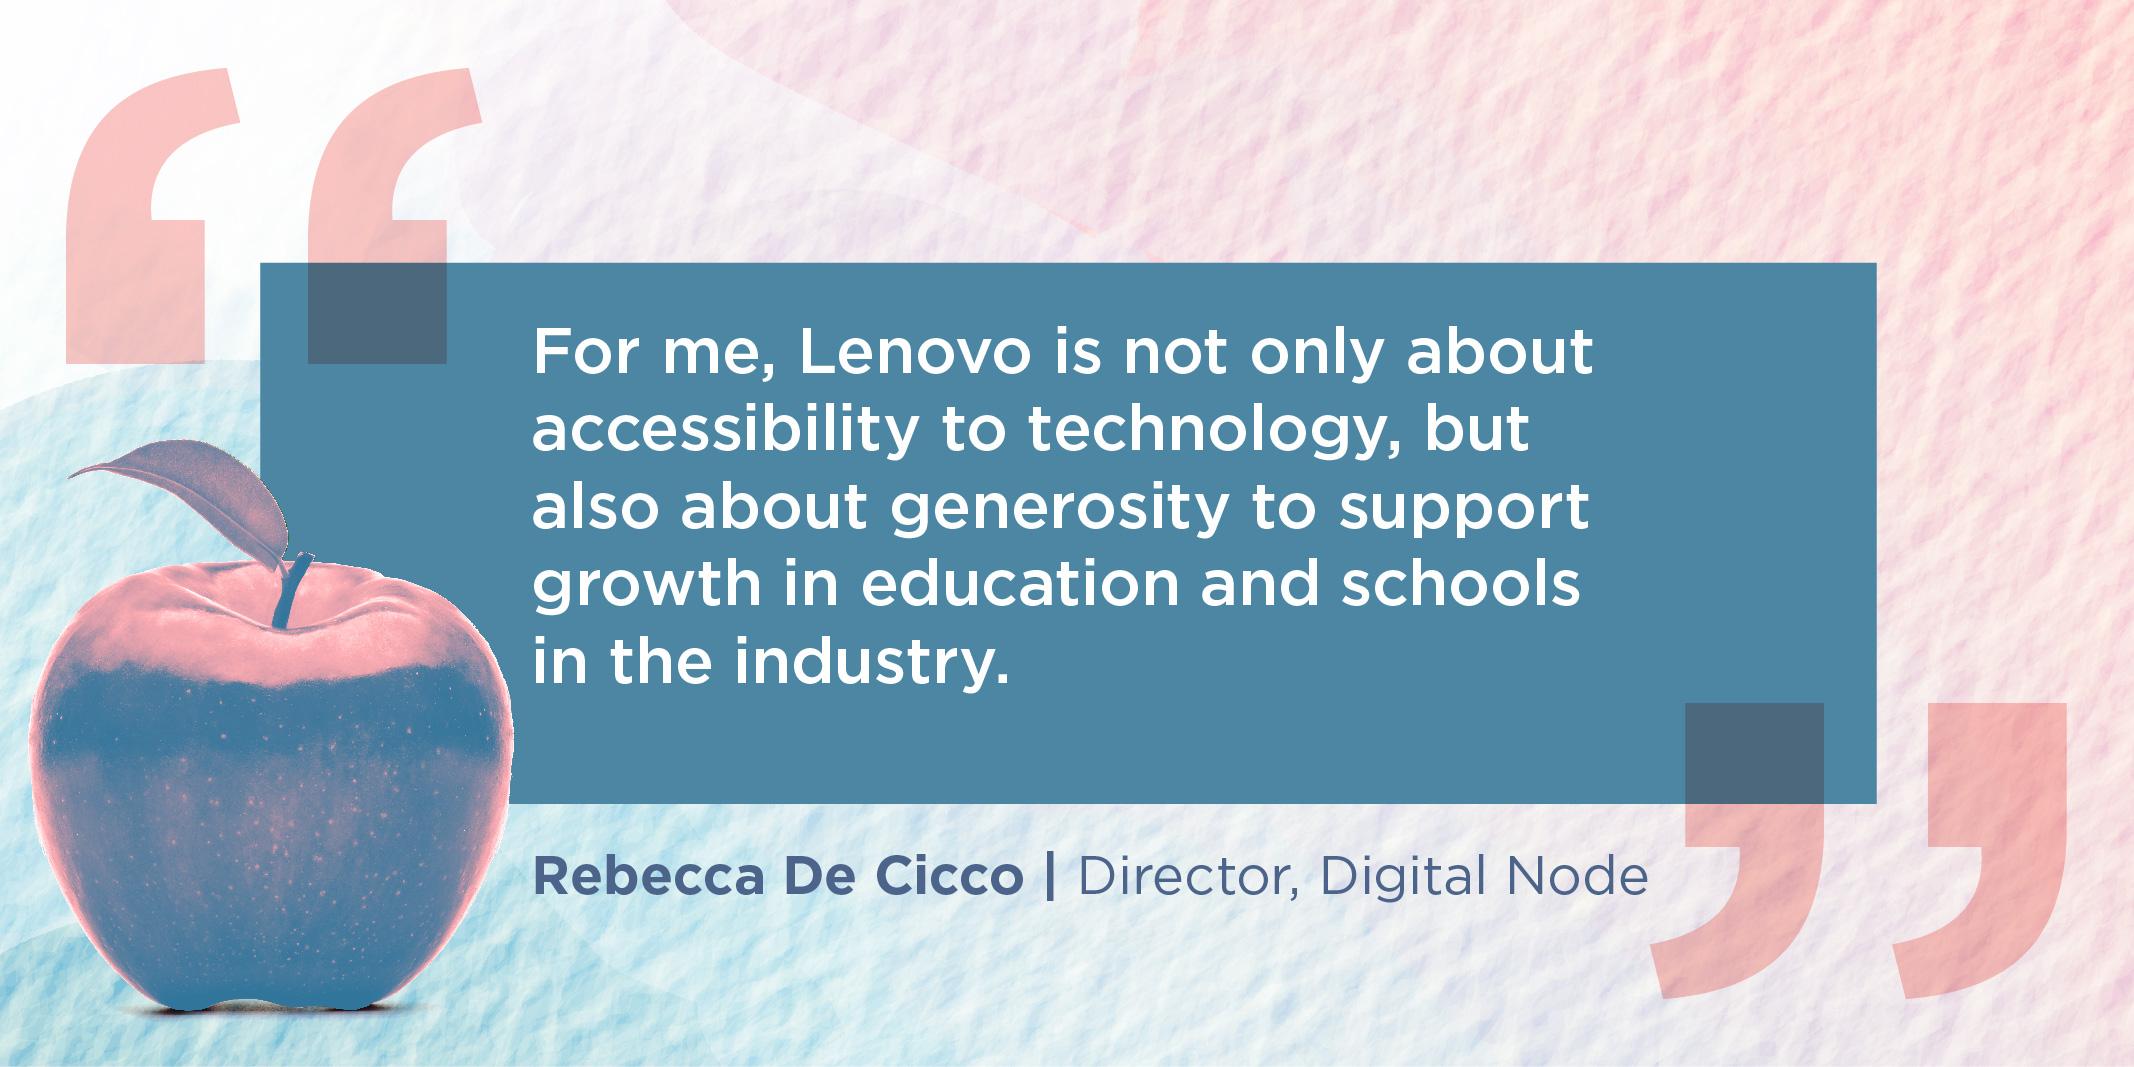 Lenovo_Reviews_P330_18-08-07_1024x512 Twitter 2.jpg